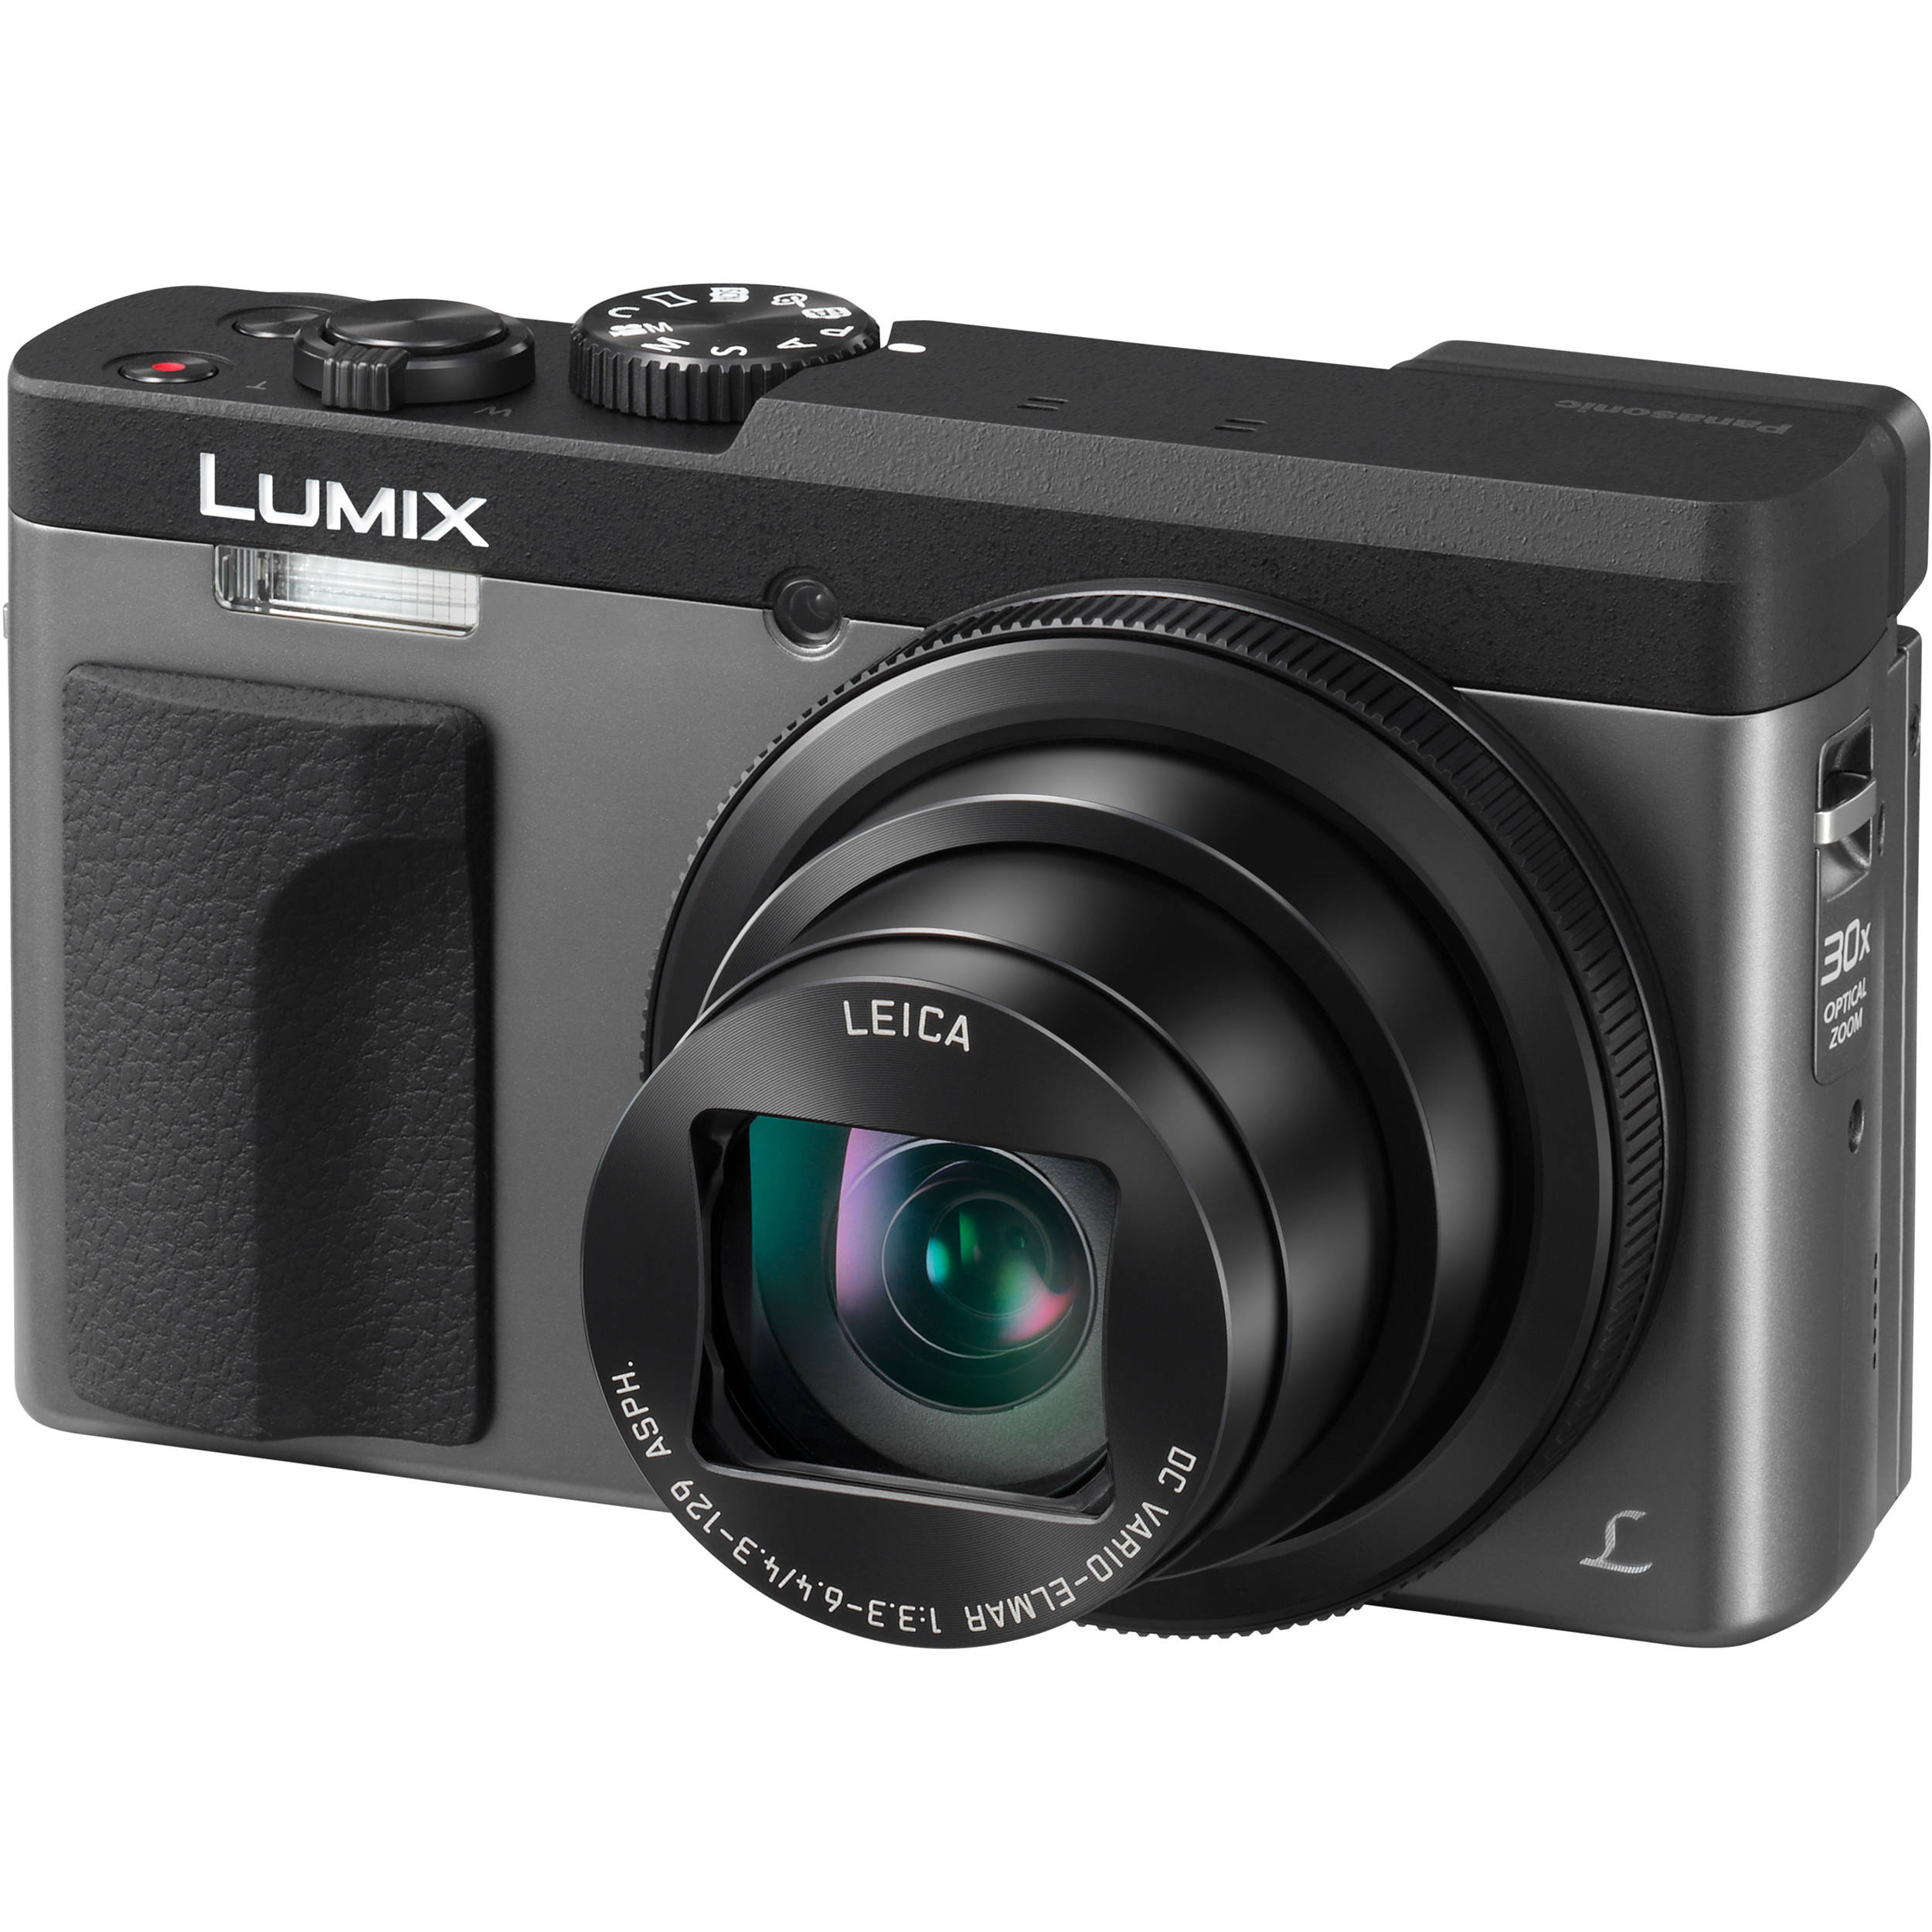 Panasonic Lumix DC-ZS70 Digital Camera (Silver) DC-ZS70/S B&H